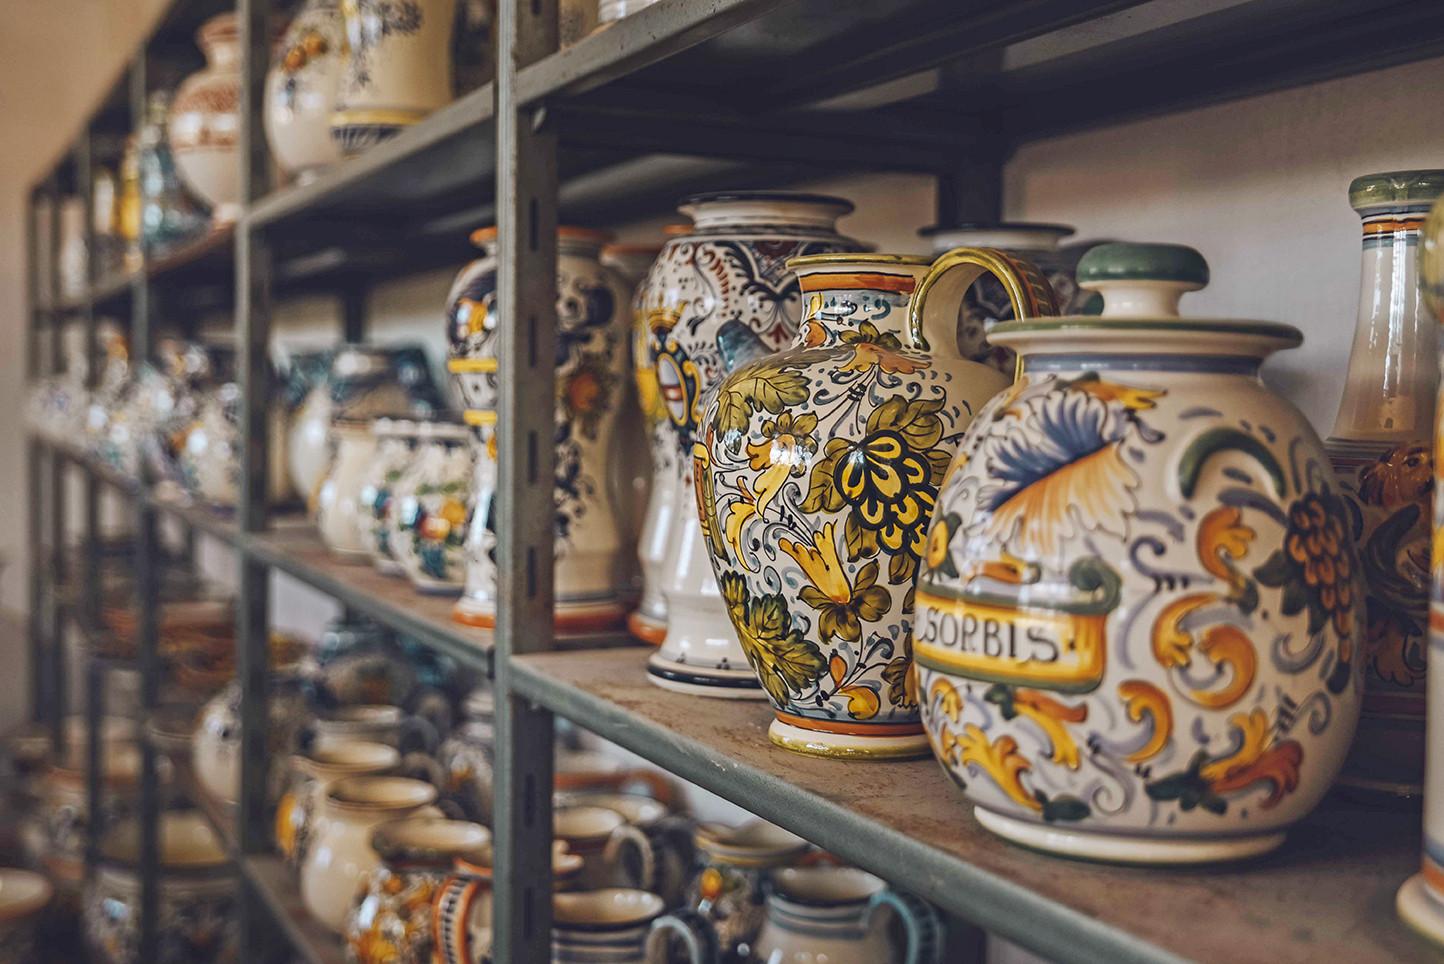 Ceramiche Toscane Montelupo Fiorentino a montelupo fiorentino un itinerari turistico tra le